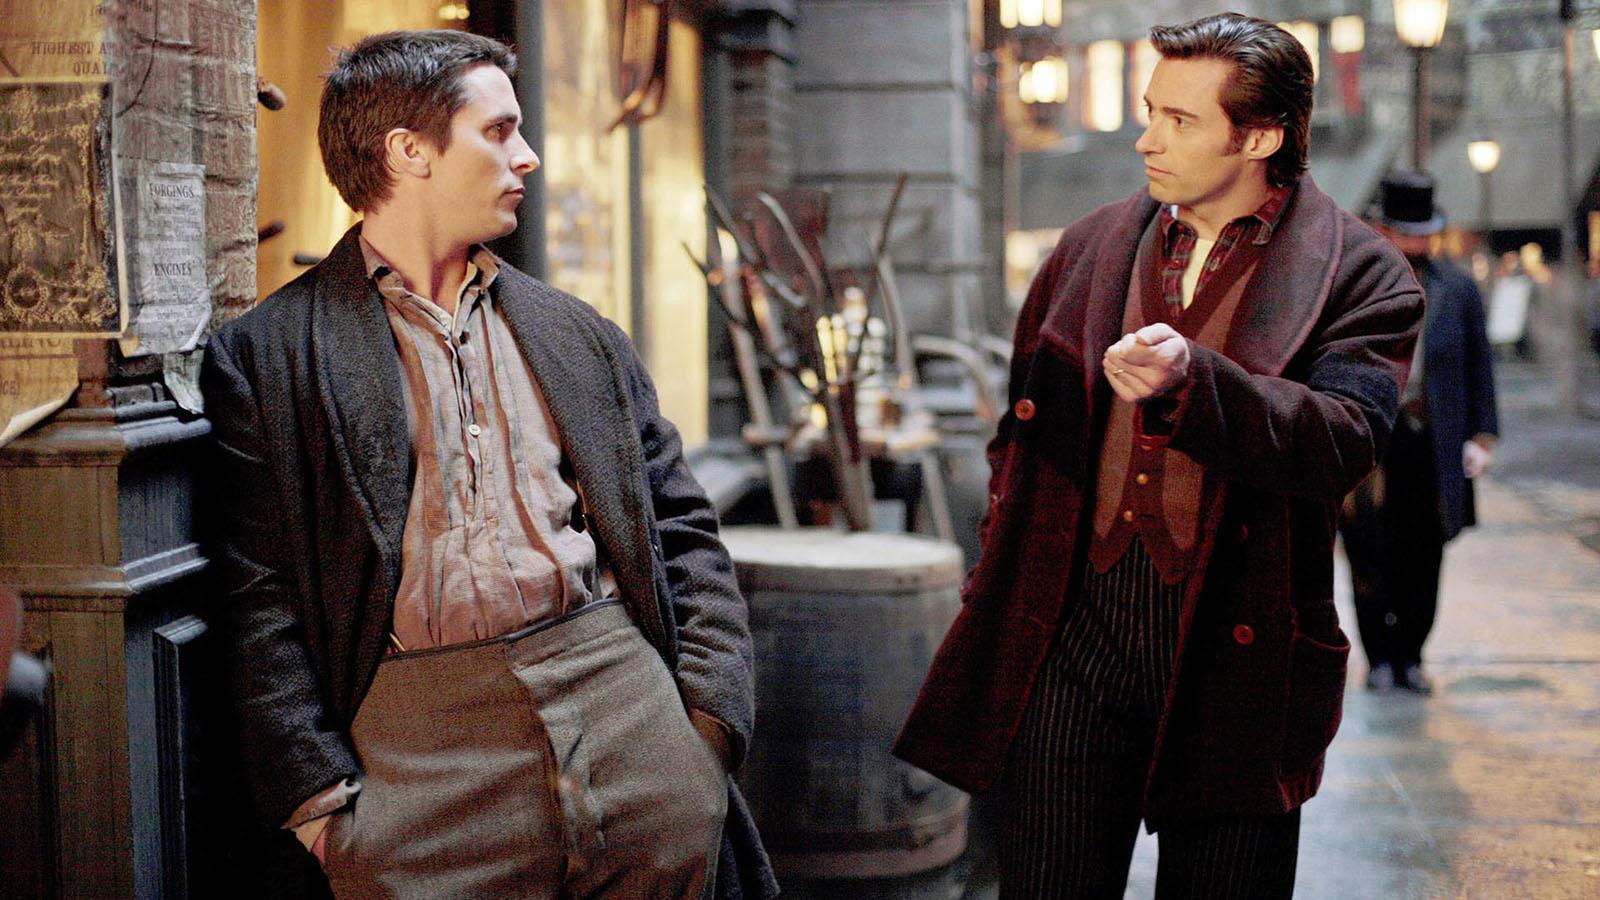 Christopher Nolan meséje a bűvészek végtelennek tűnő civakodásairól, a rendező egyik legjobb és legcsodásabban kiforgatott alkotása olyan váratlan fordulatokkal, hogy az ember el sem hiszi, amit lát. (Warner Bros.)